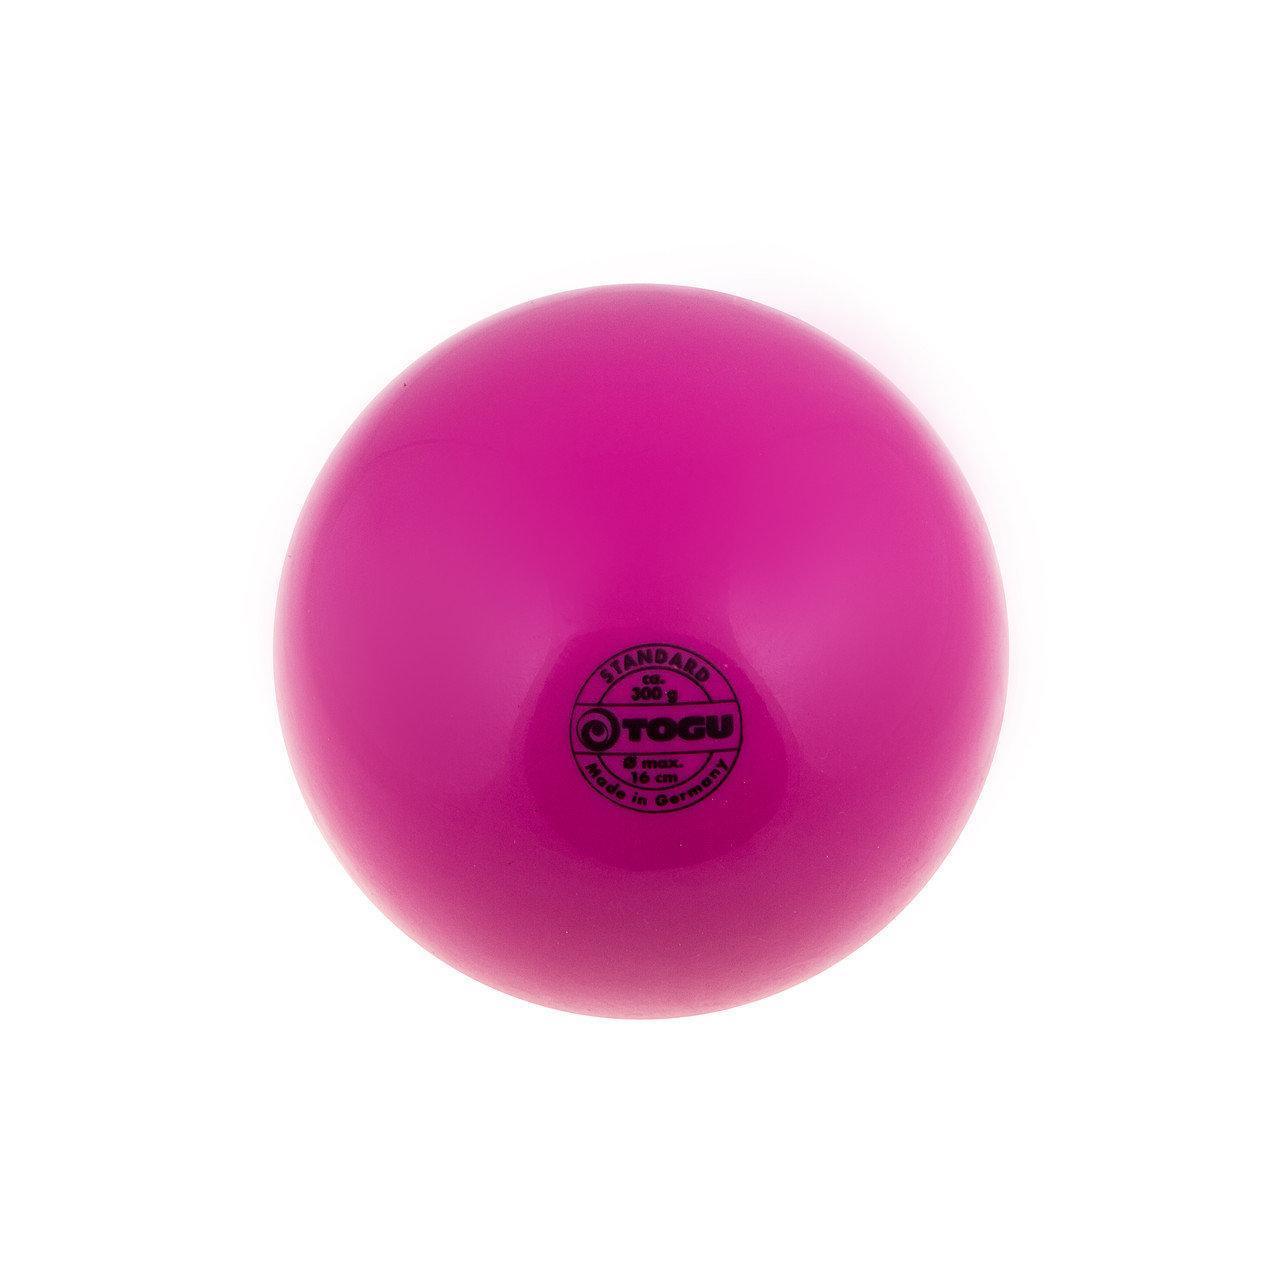 Мяч для художественной гимнастики TOGU 300 грам диаметр 16 см